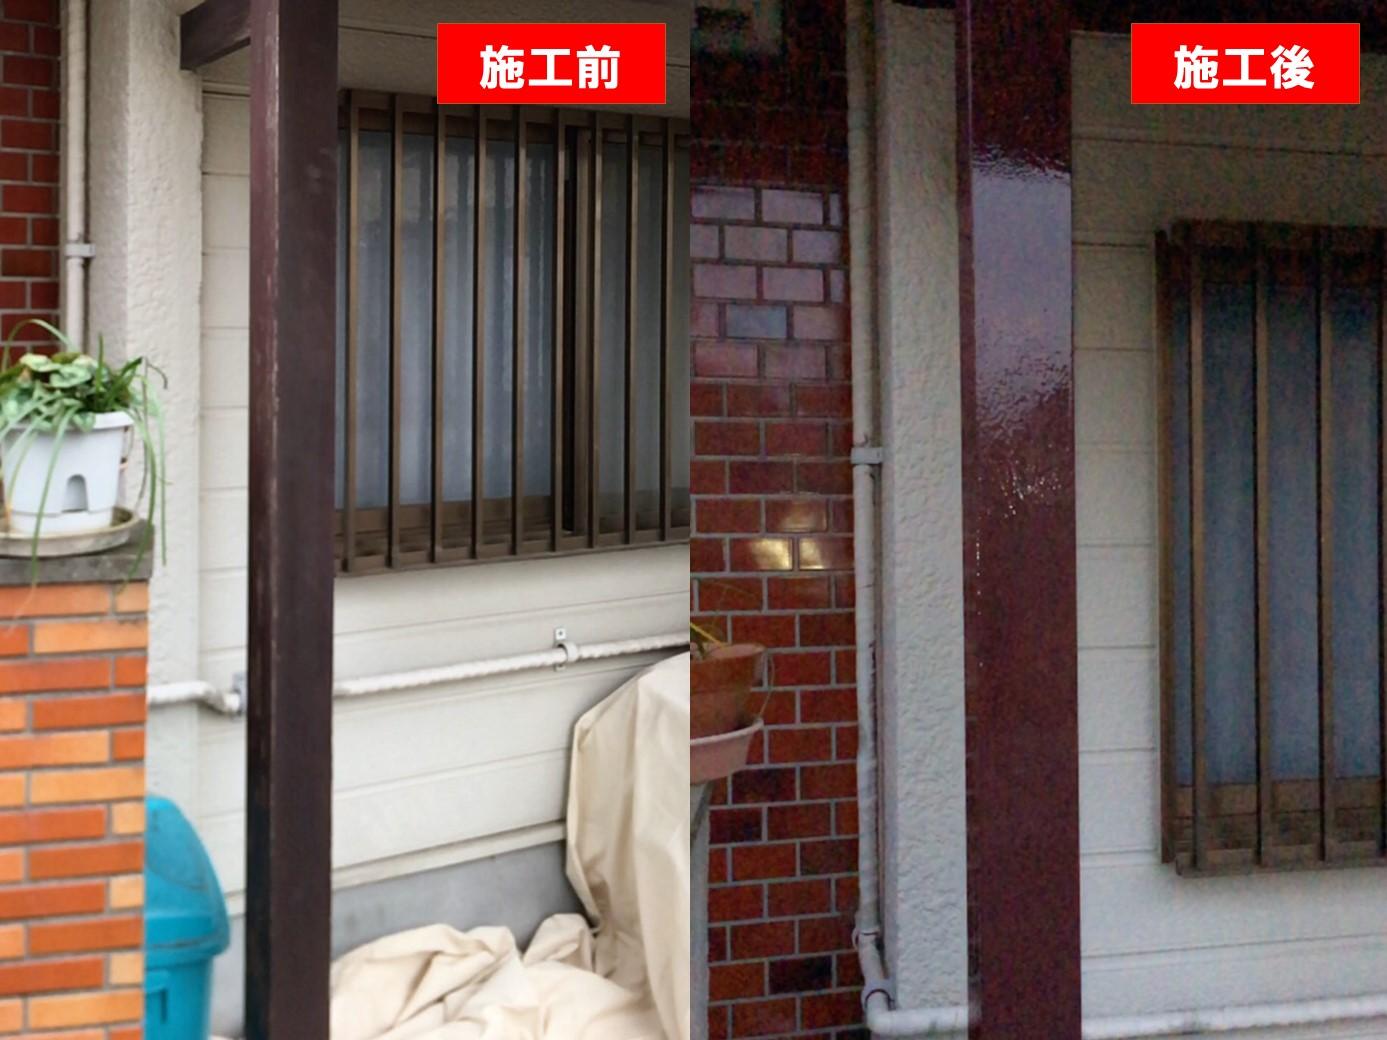 【施工完了報告!】塗装工事も承っております!東京都調布市にて塗装工事を行いました!